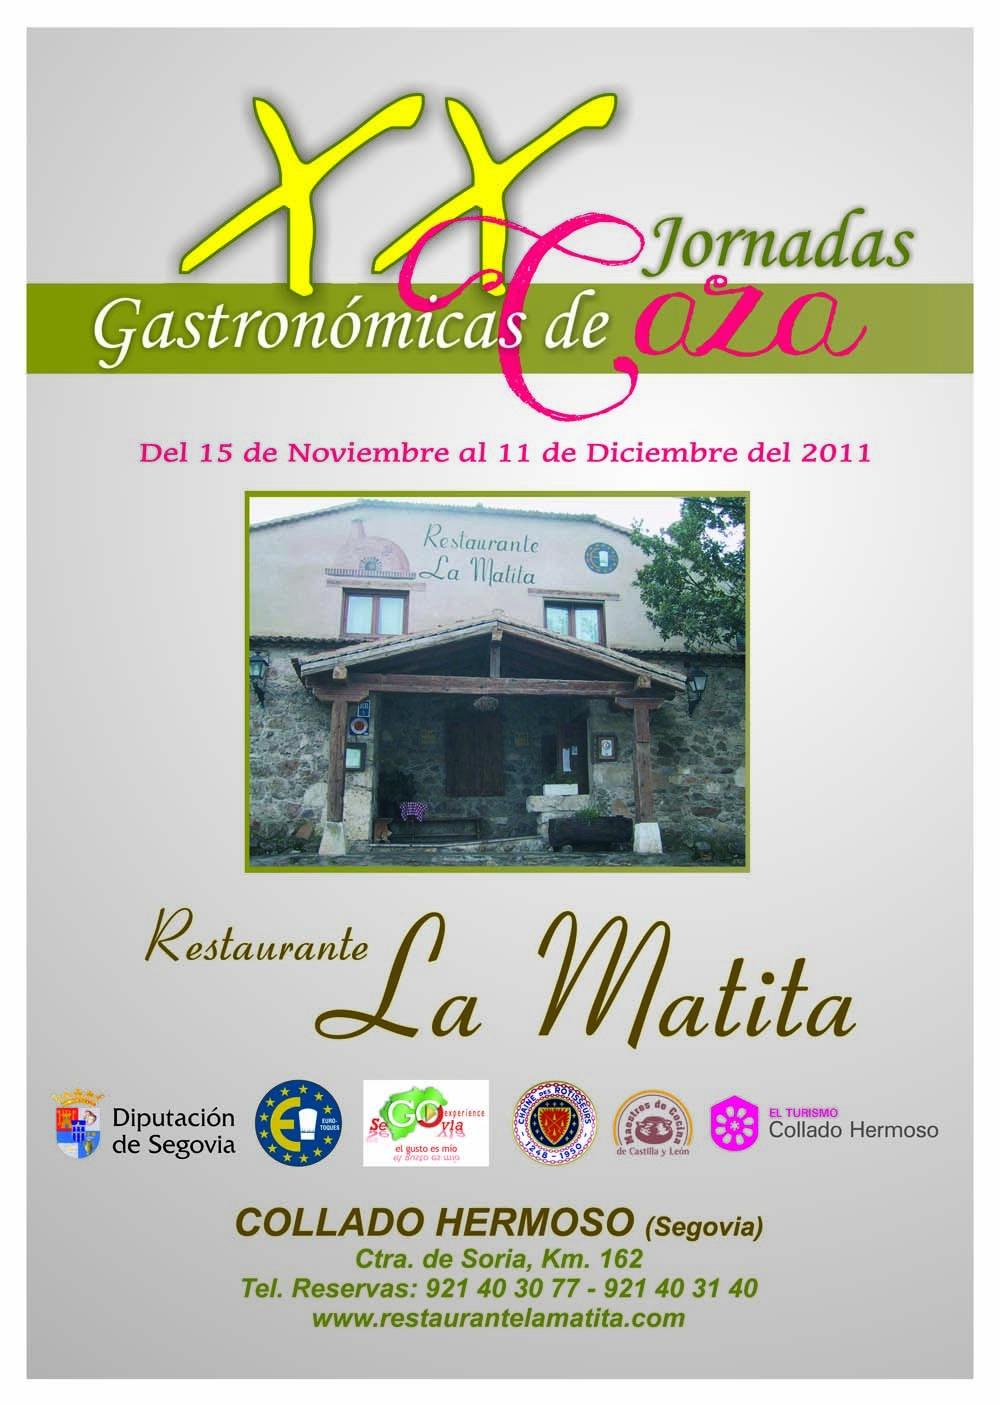 XX Jornadas Gastronómicas de Caza